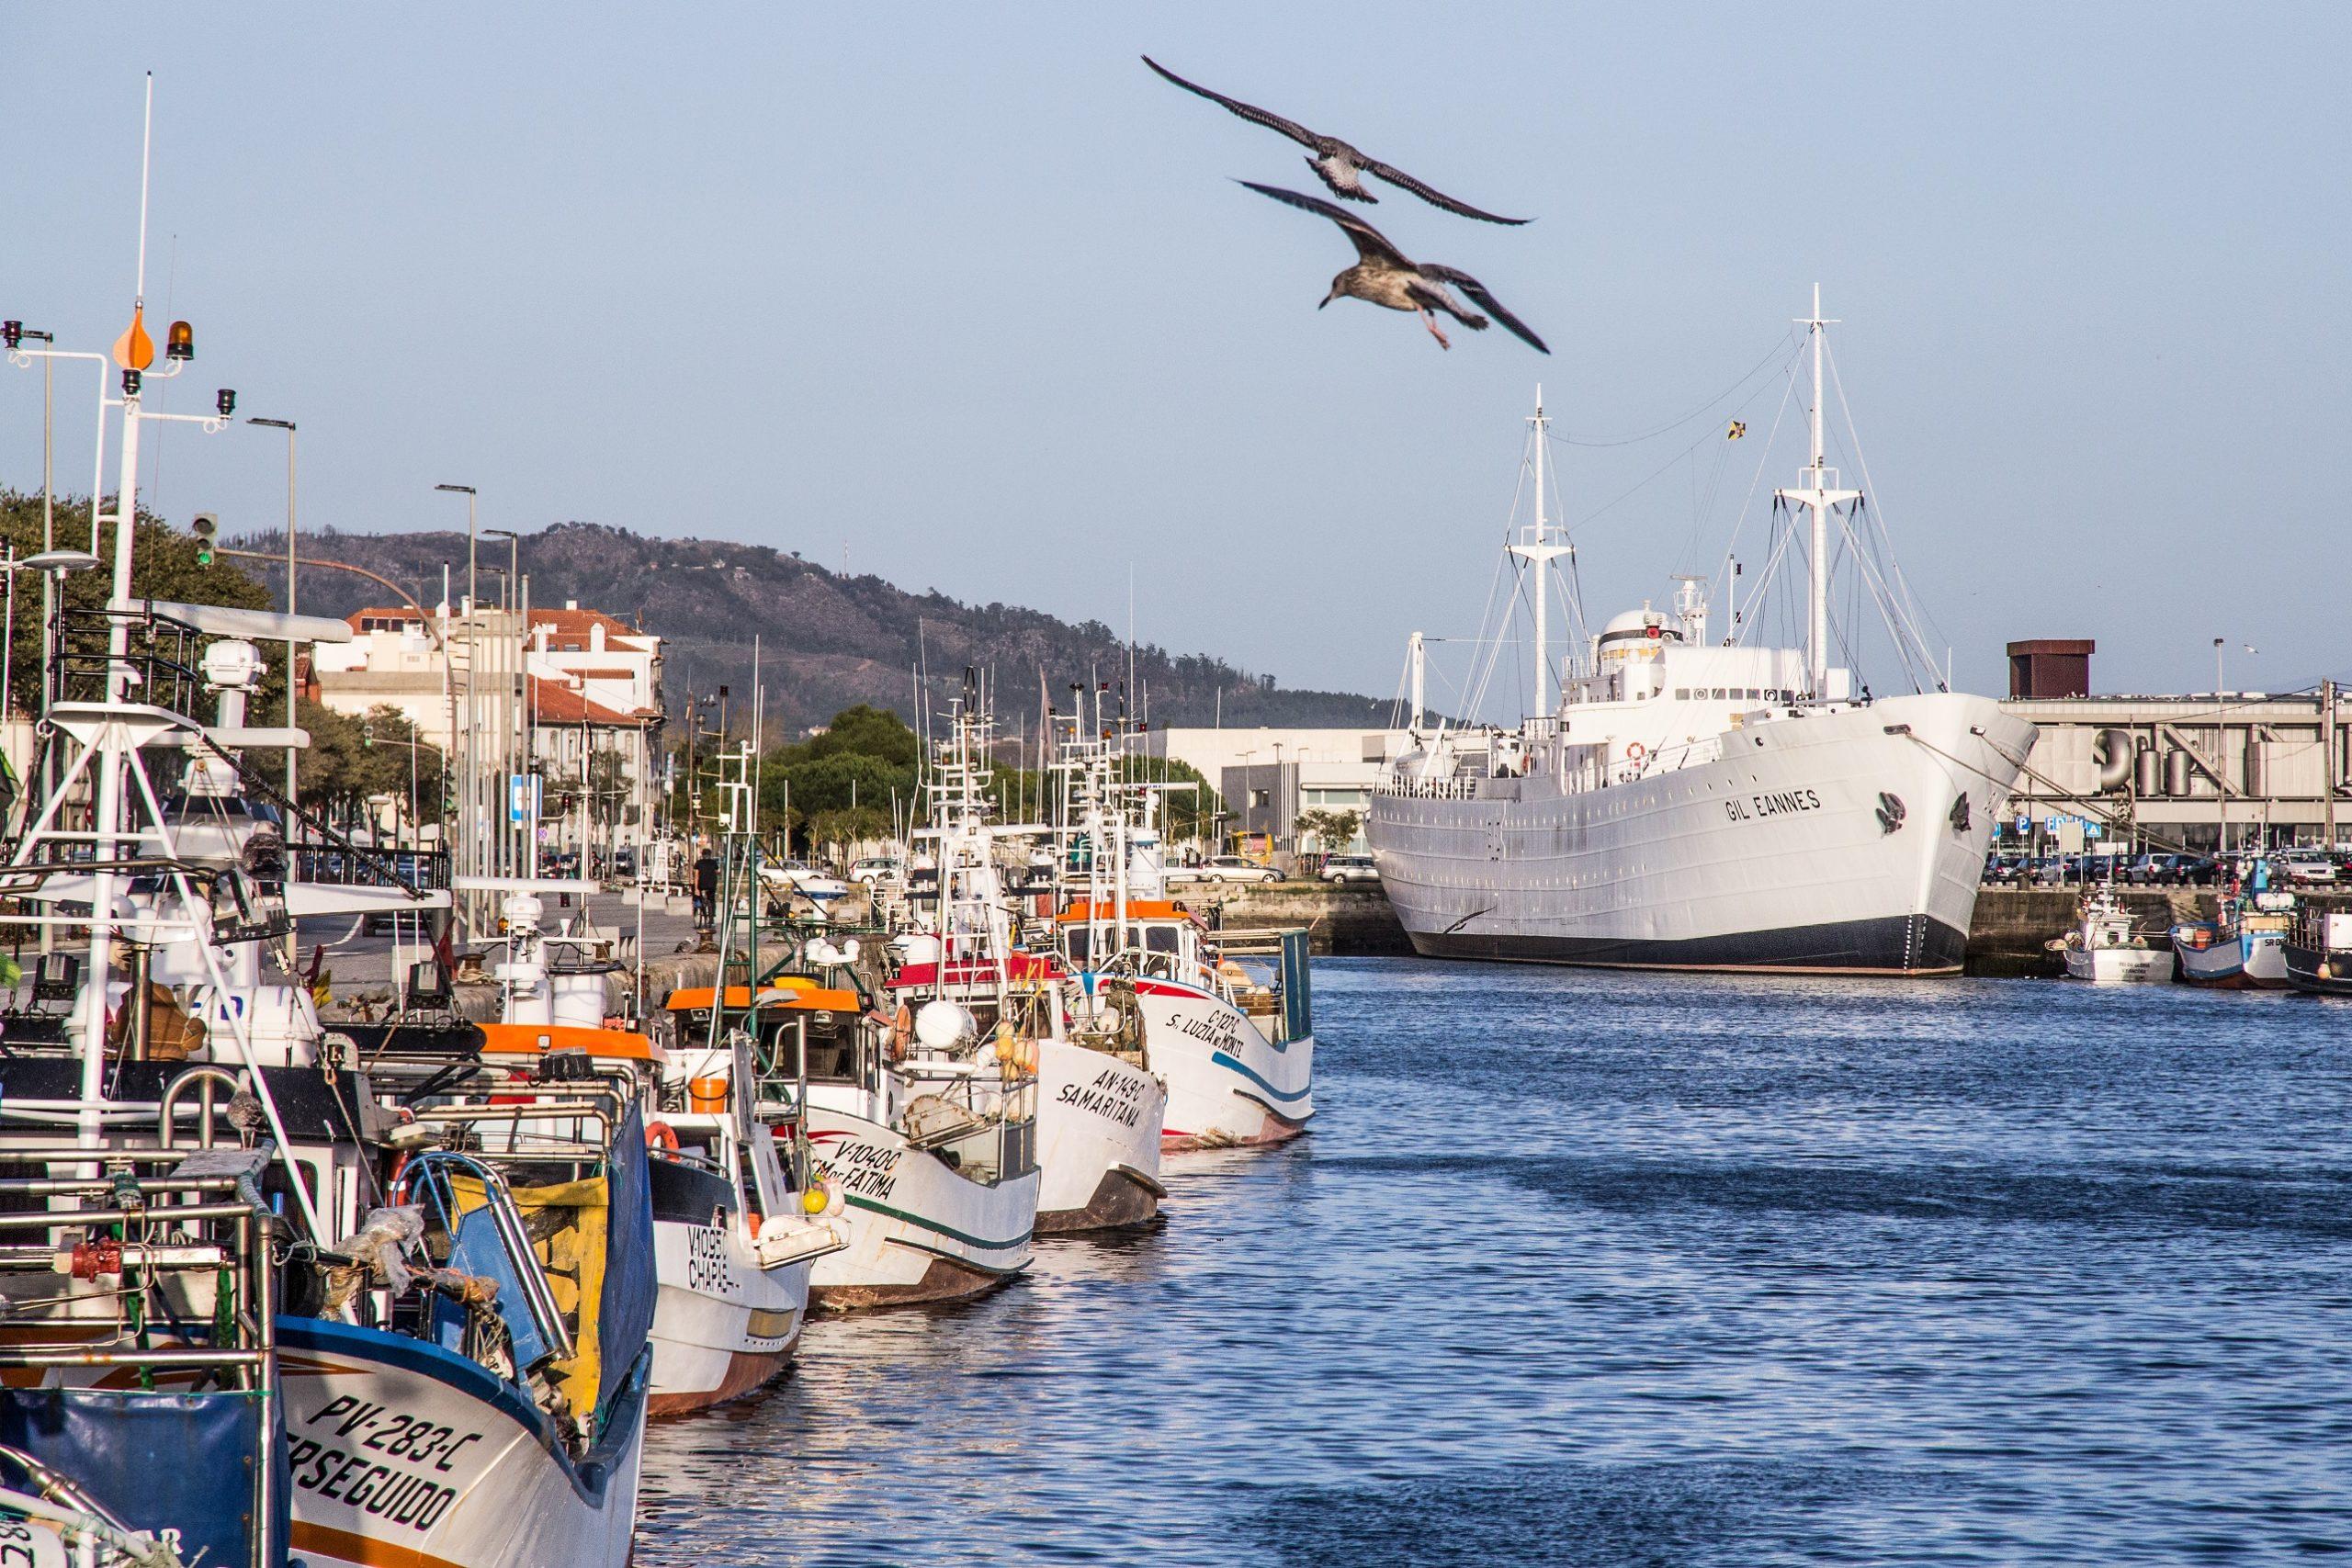 Viana cria museu virtual da memória marítima Nova valência do Centro de Mar, no navio Gil Eannes, estará disponível a partir de Março.